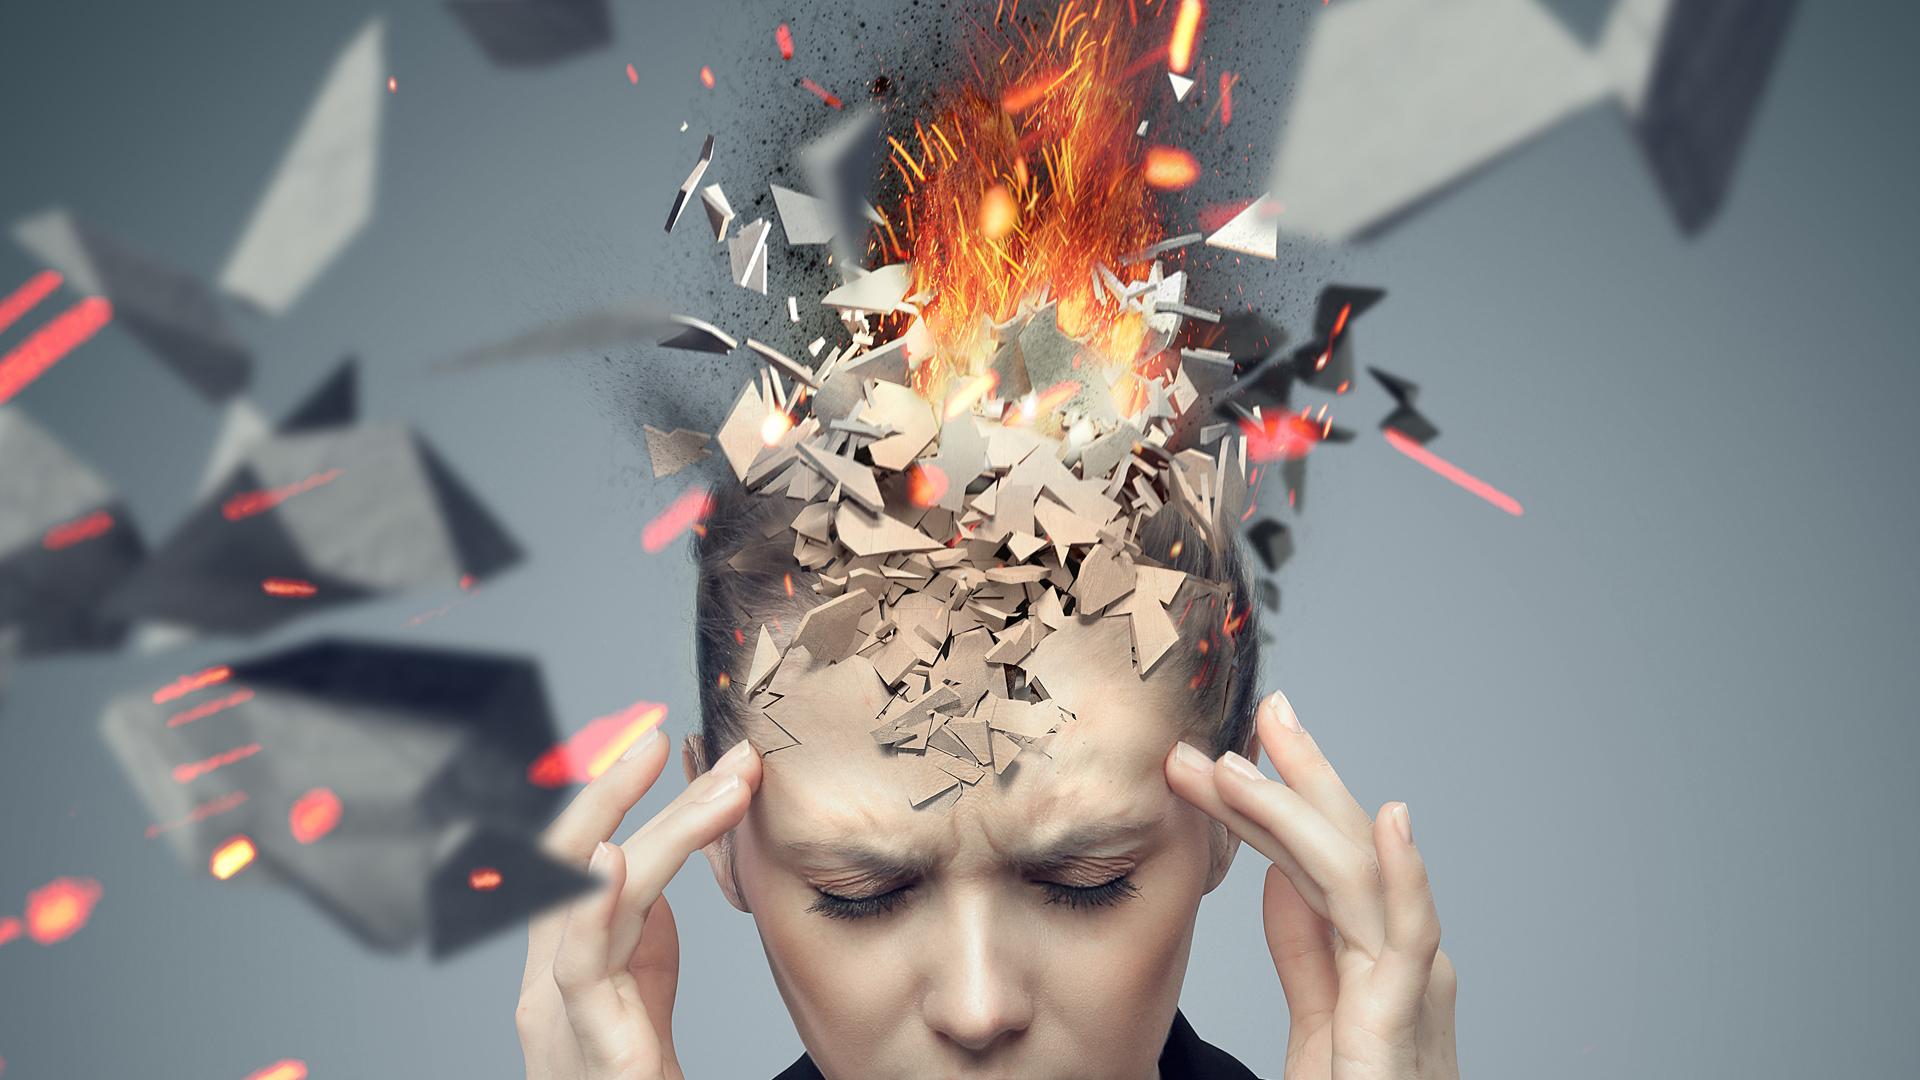 Una gran cantidad de desórdenes psiquiátricos pueden cursar con 'aceleración del pensamiento' (iStock)